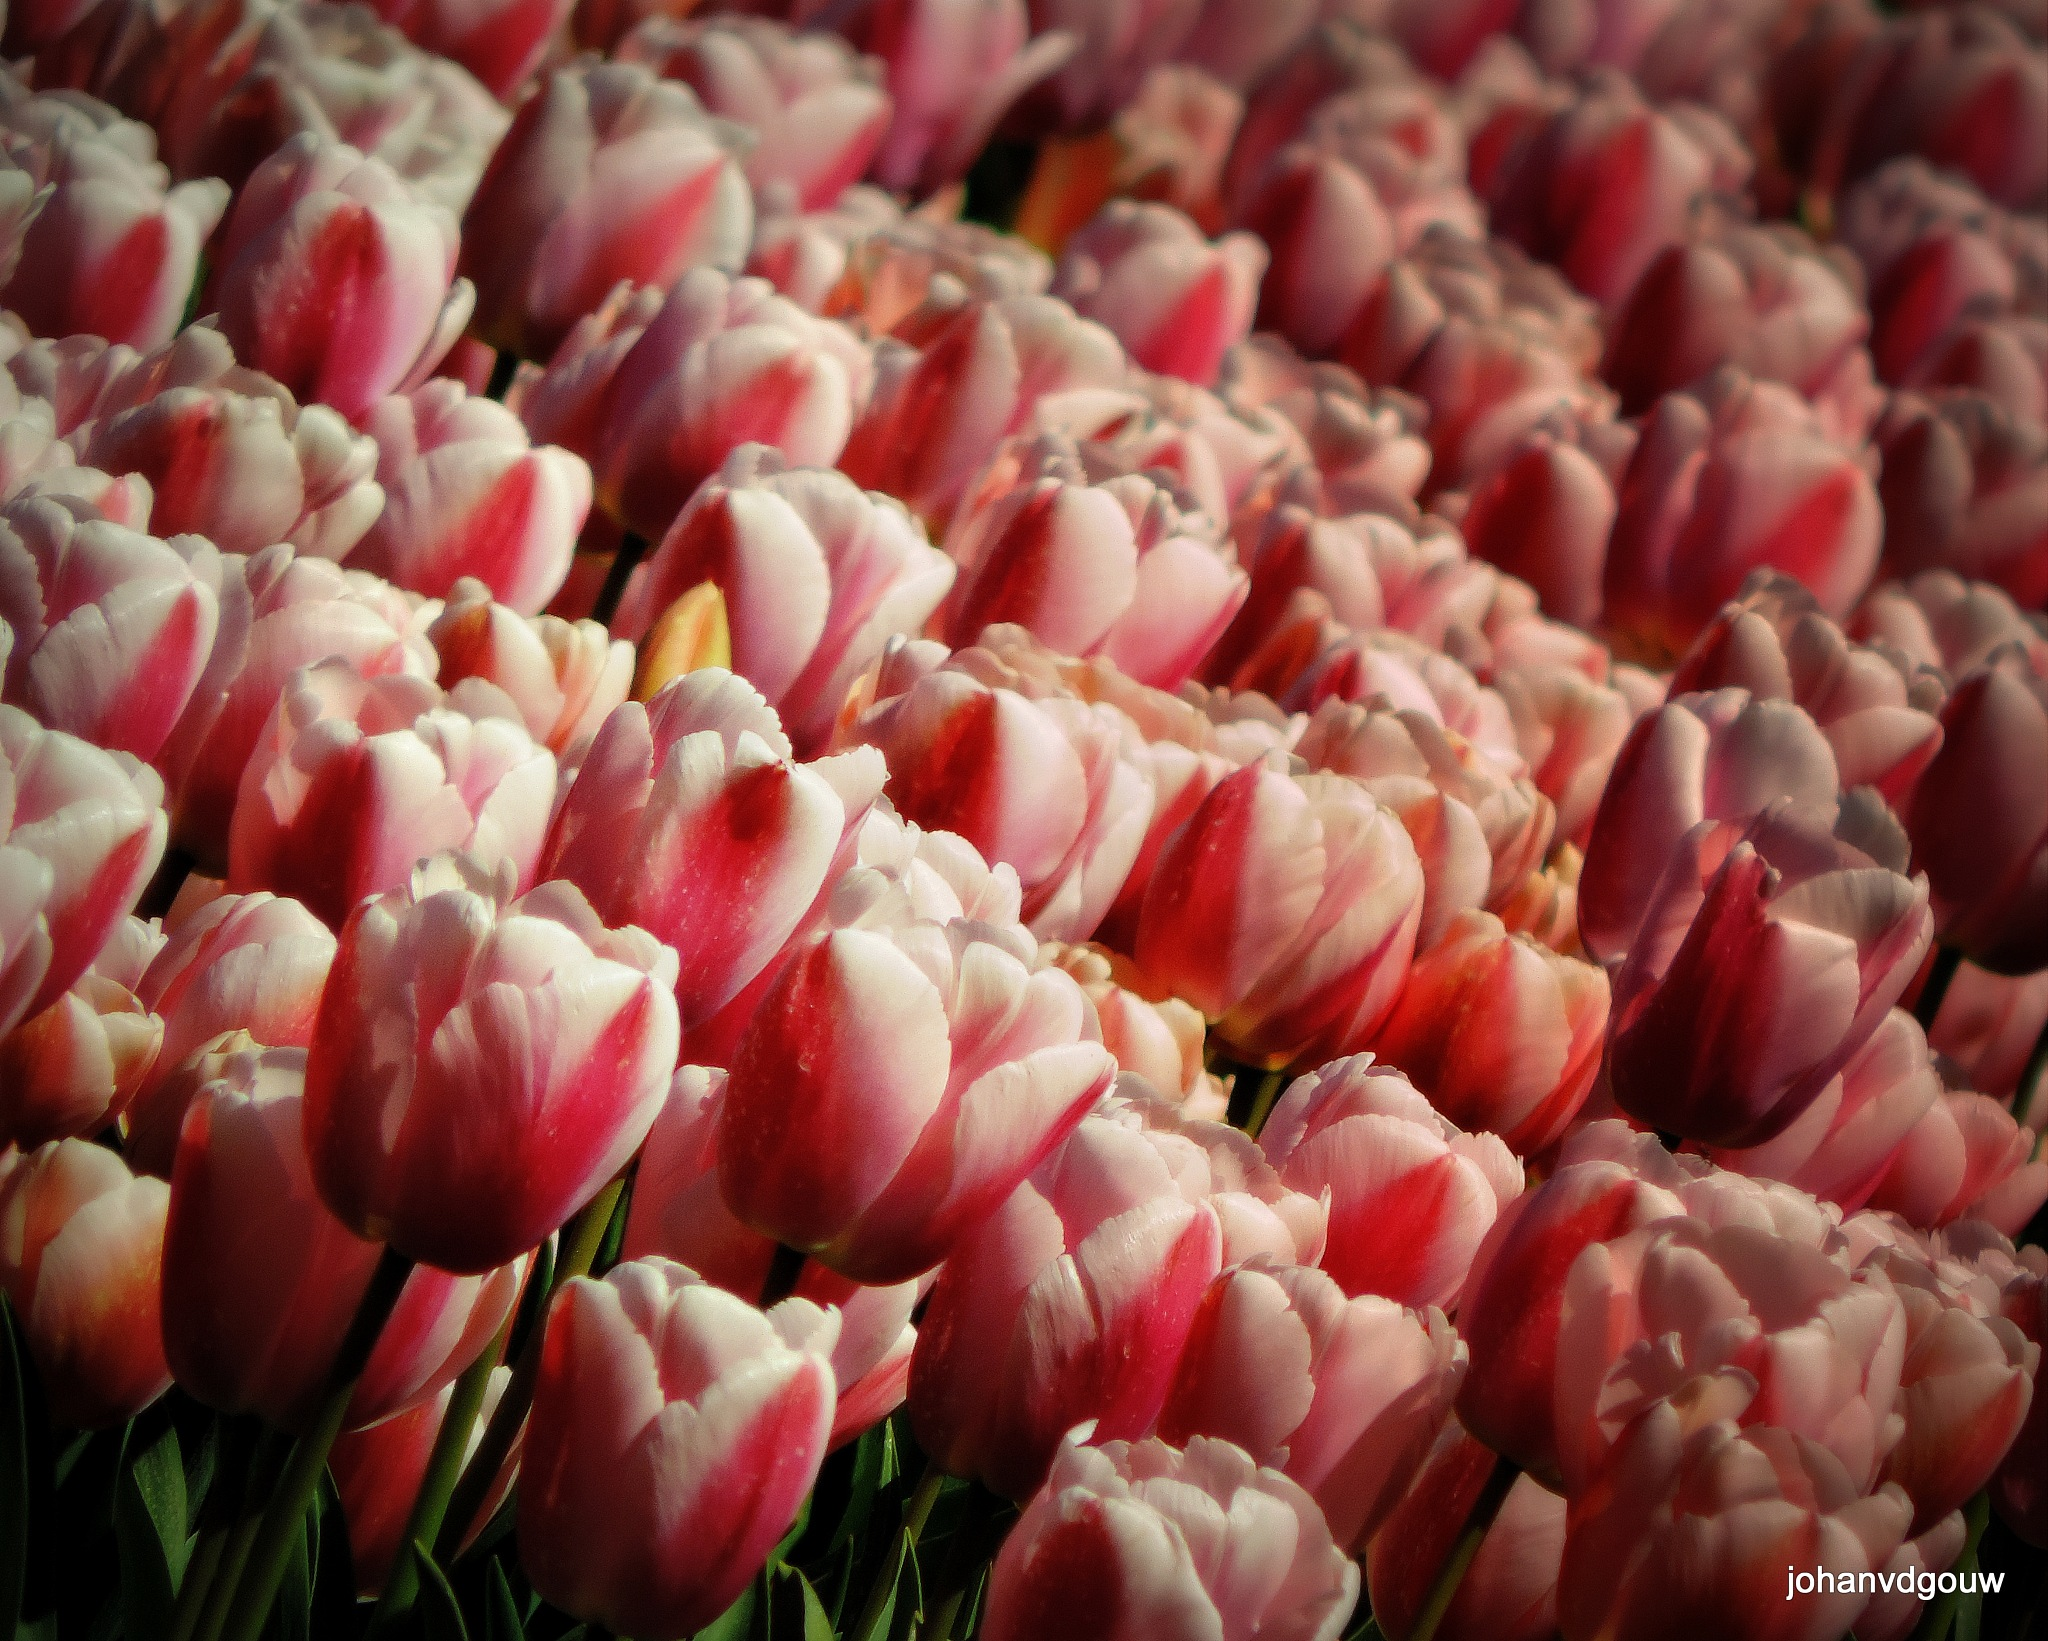 Tulips 4 by johan.vandergouw